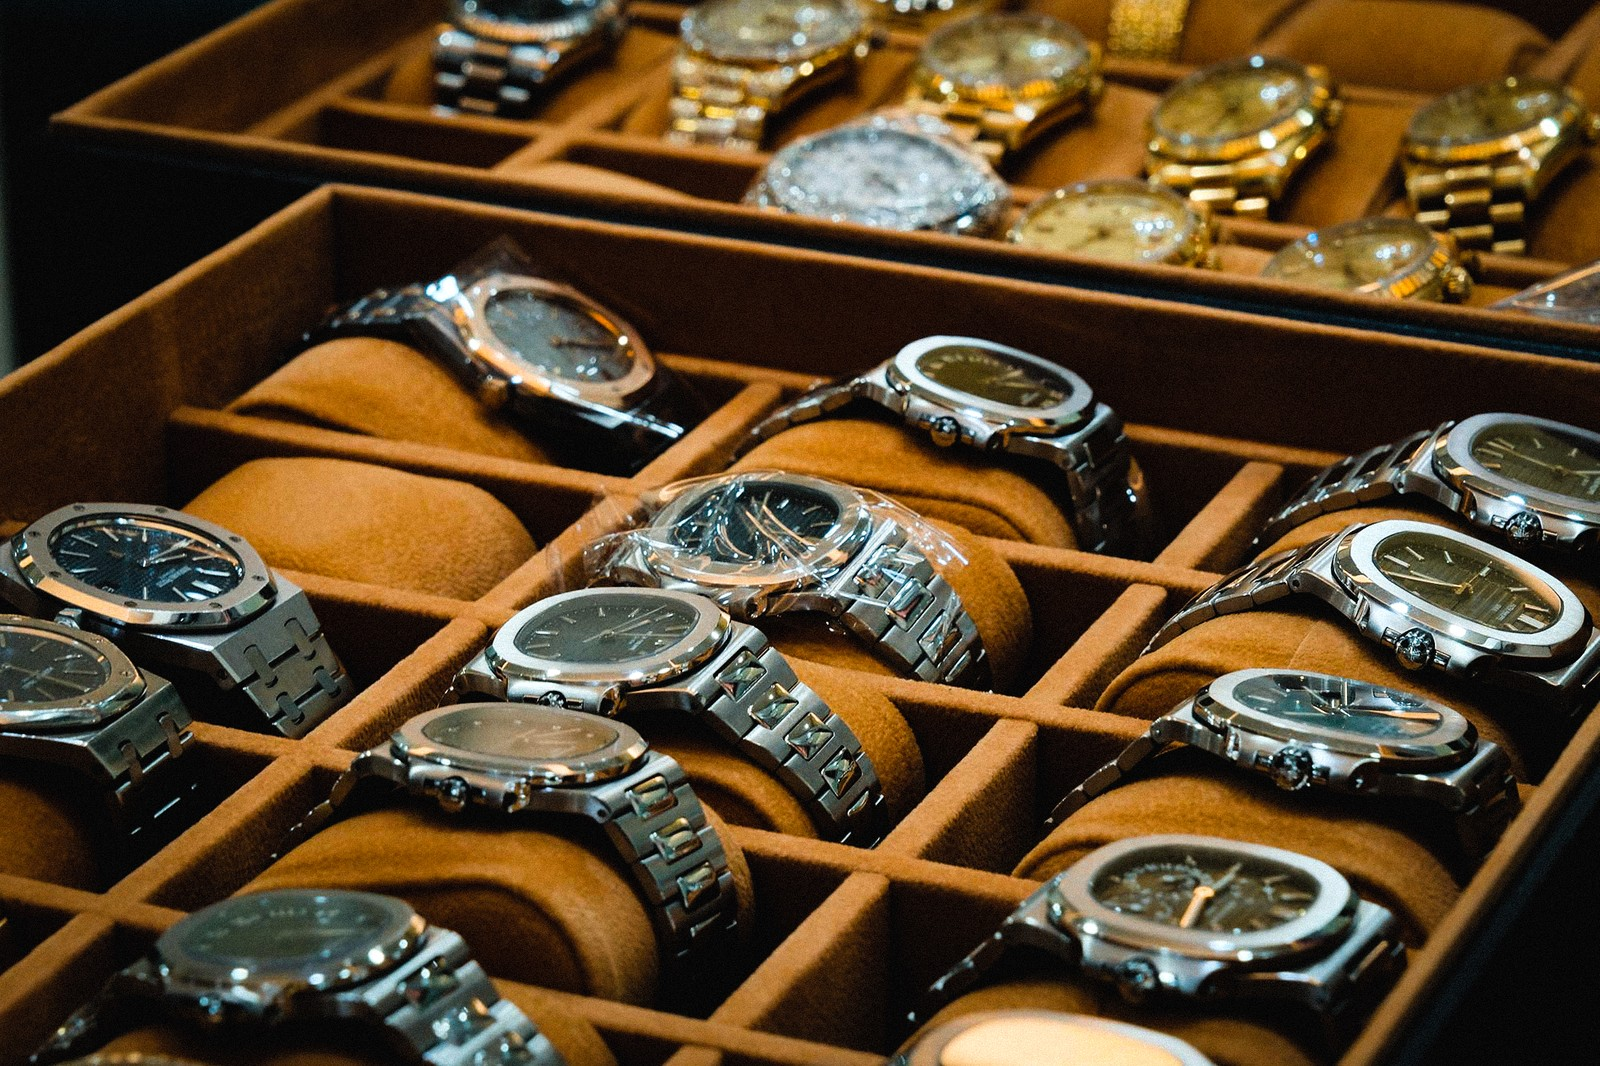 腕錶是裝飾品還是投資標的?HYPEBEAST 專訪 3 位業內人士談論「腕錶商業價值」